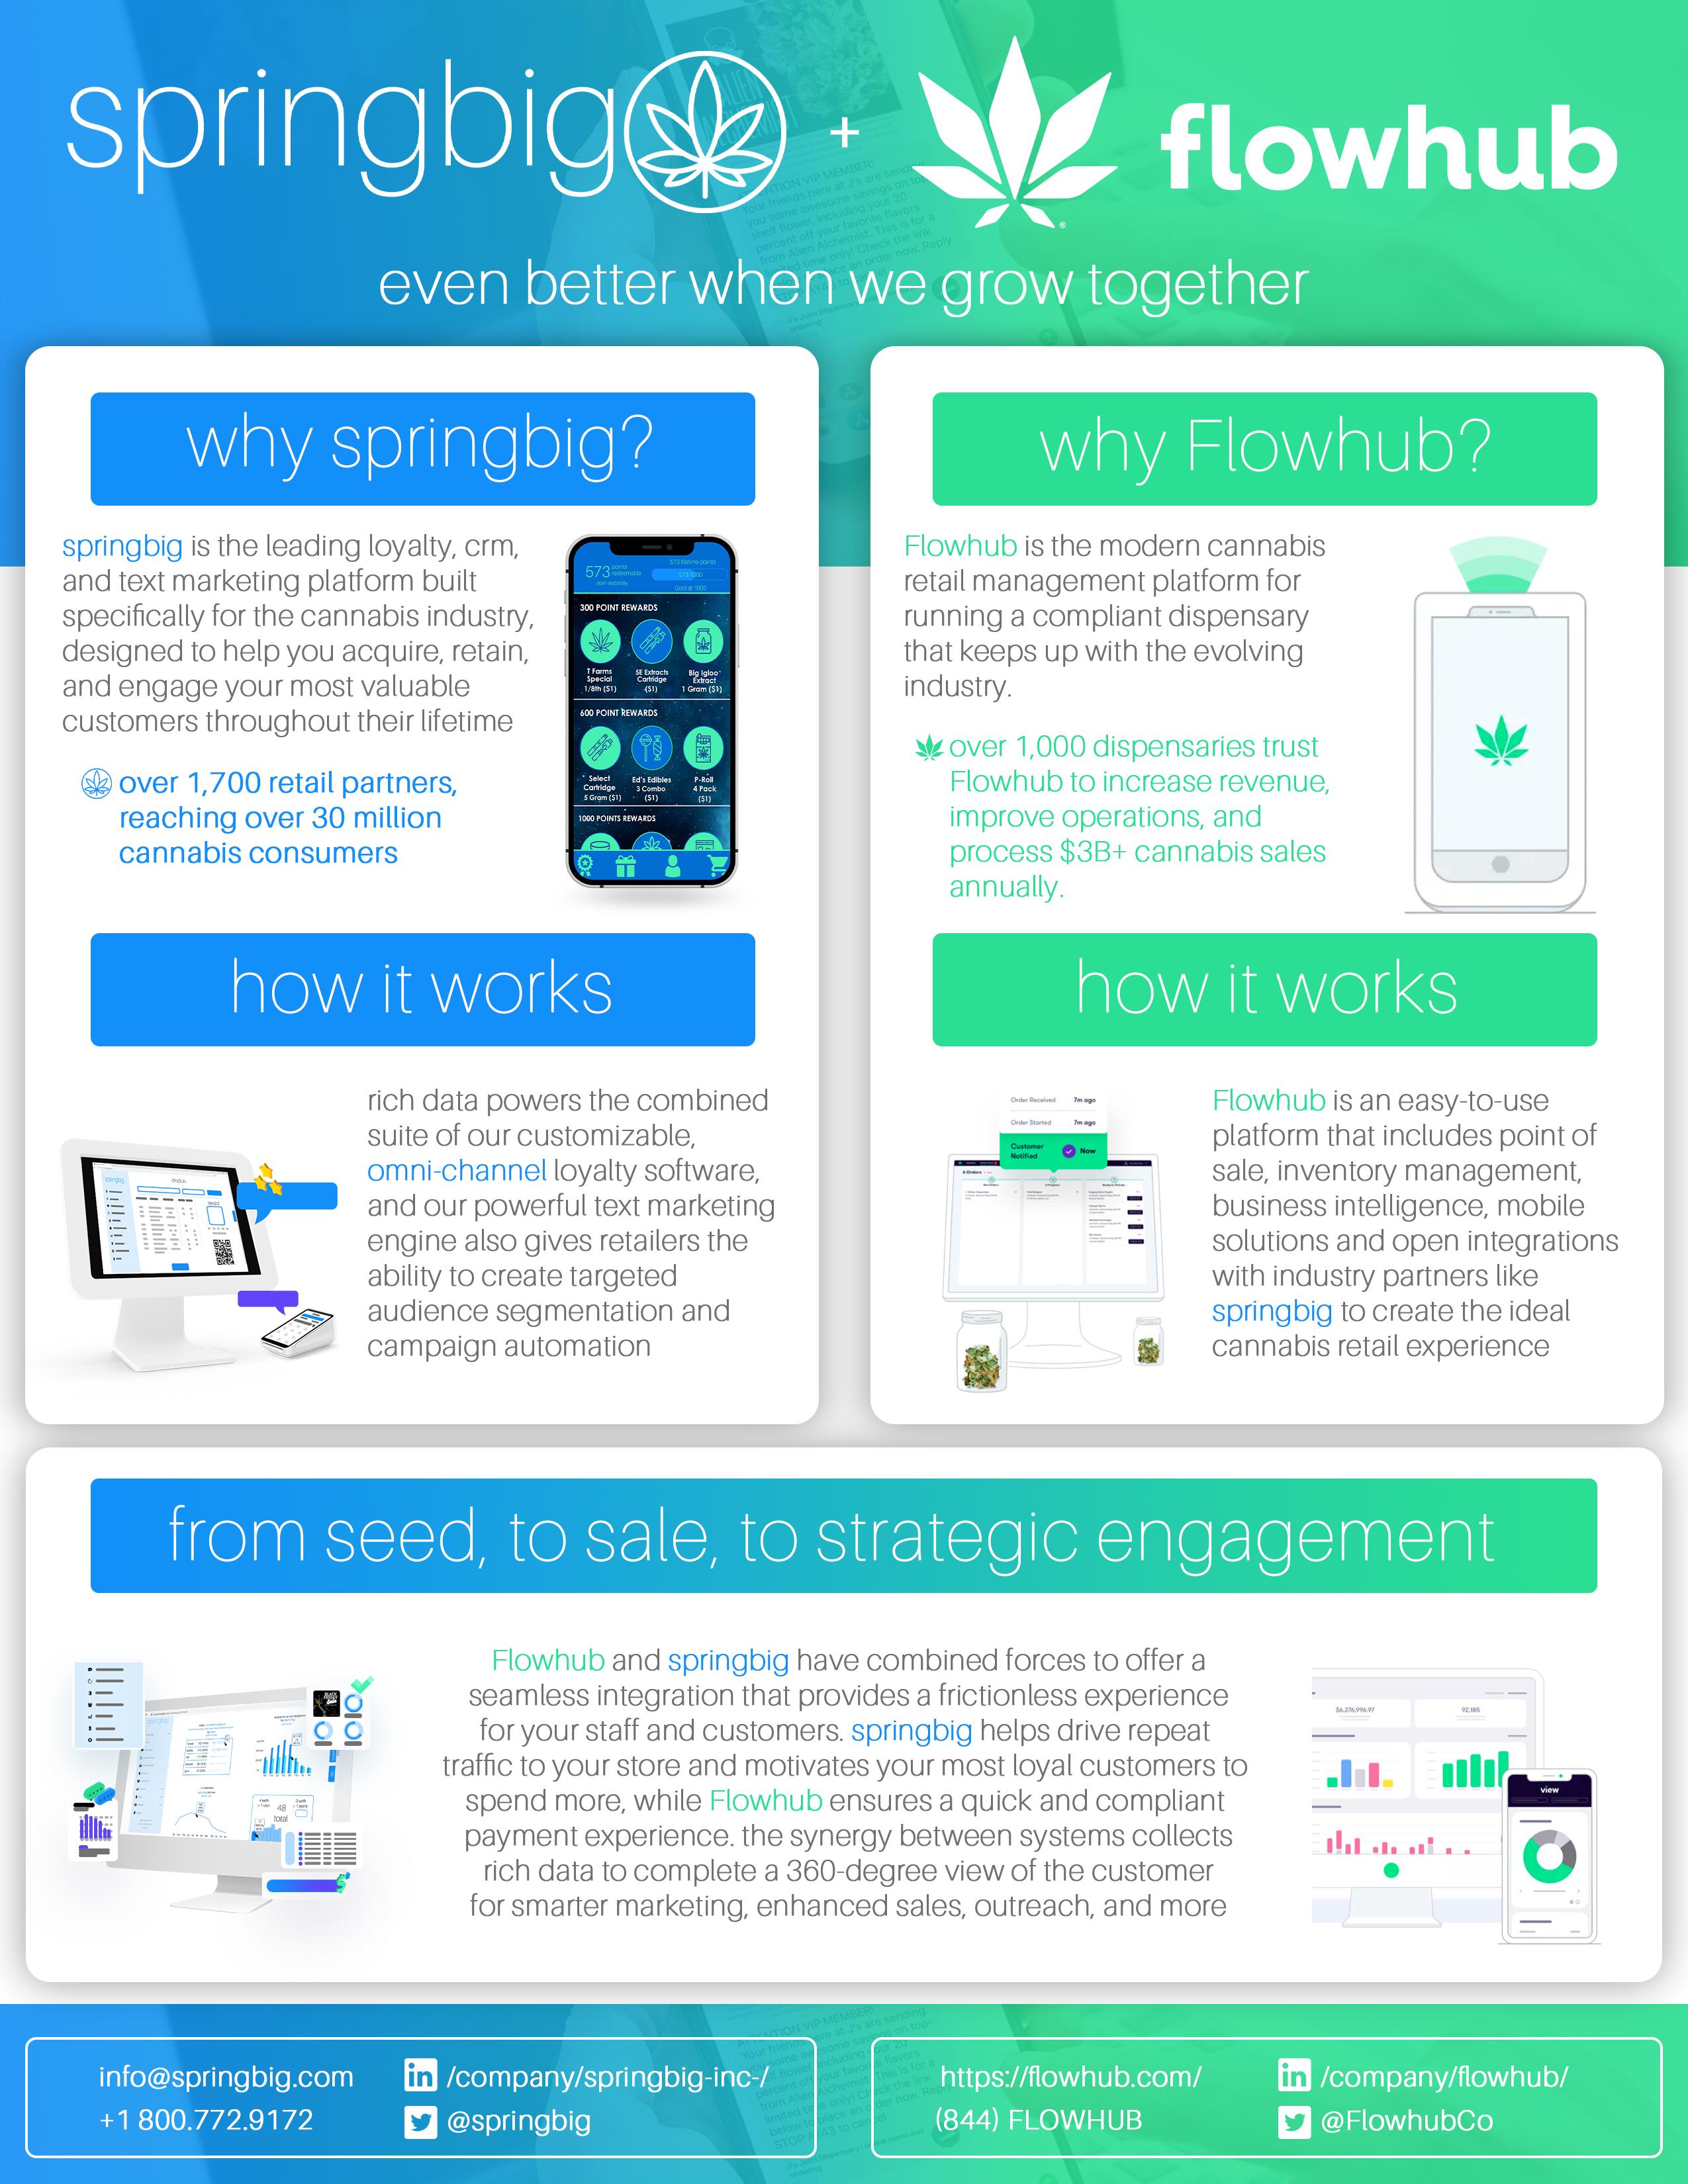 springbig dispensary marketing software integration with Flowhub dispensary POS system